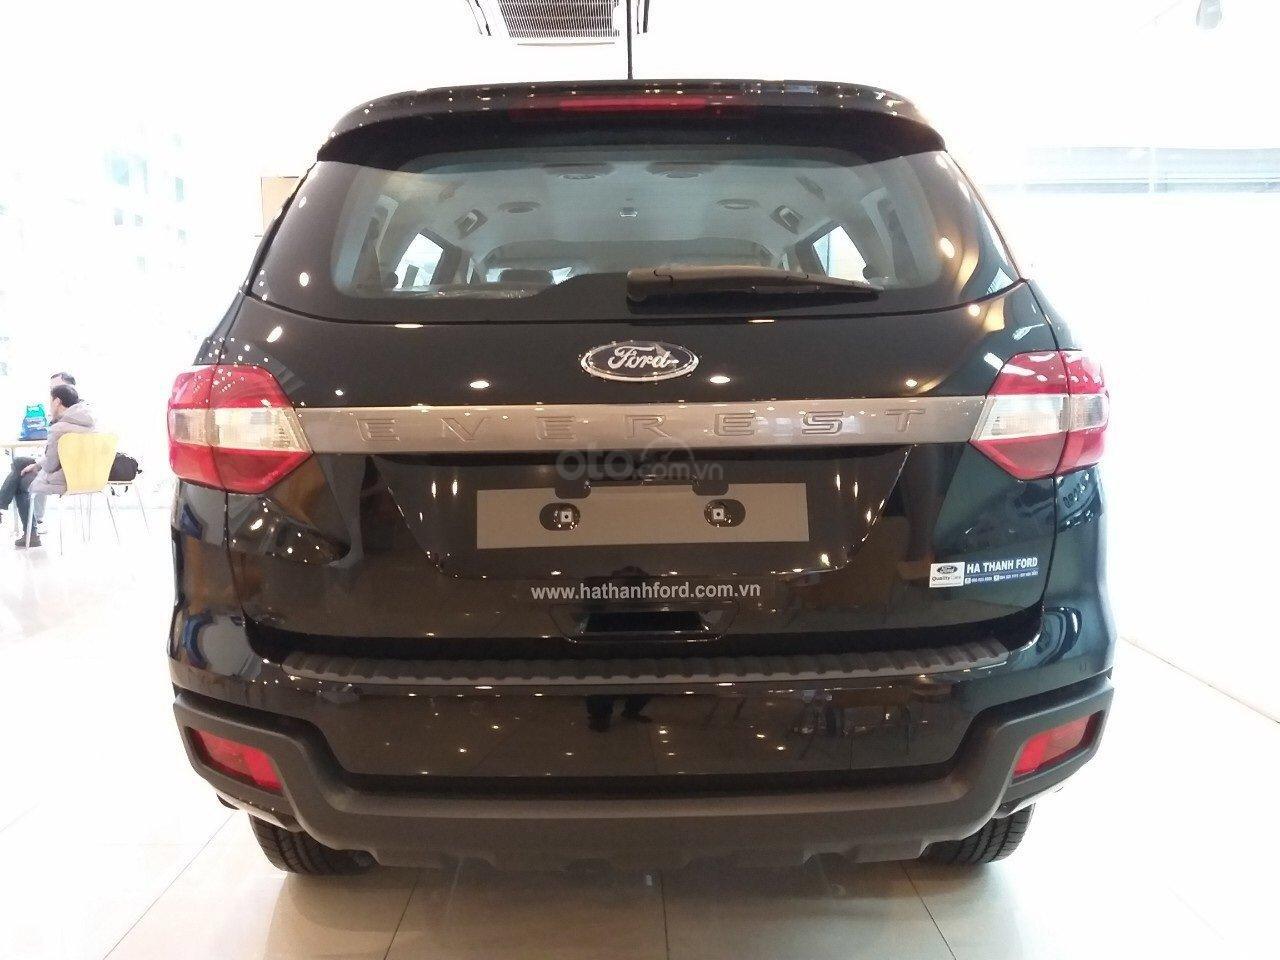 Cần bán Ford Everest 2.0 Trend 2019, xe nhập nguyên chiếc giá tốt nhất thị trường, tặng full phụ kiện,LH 0974286009 (2)